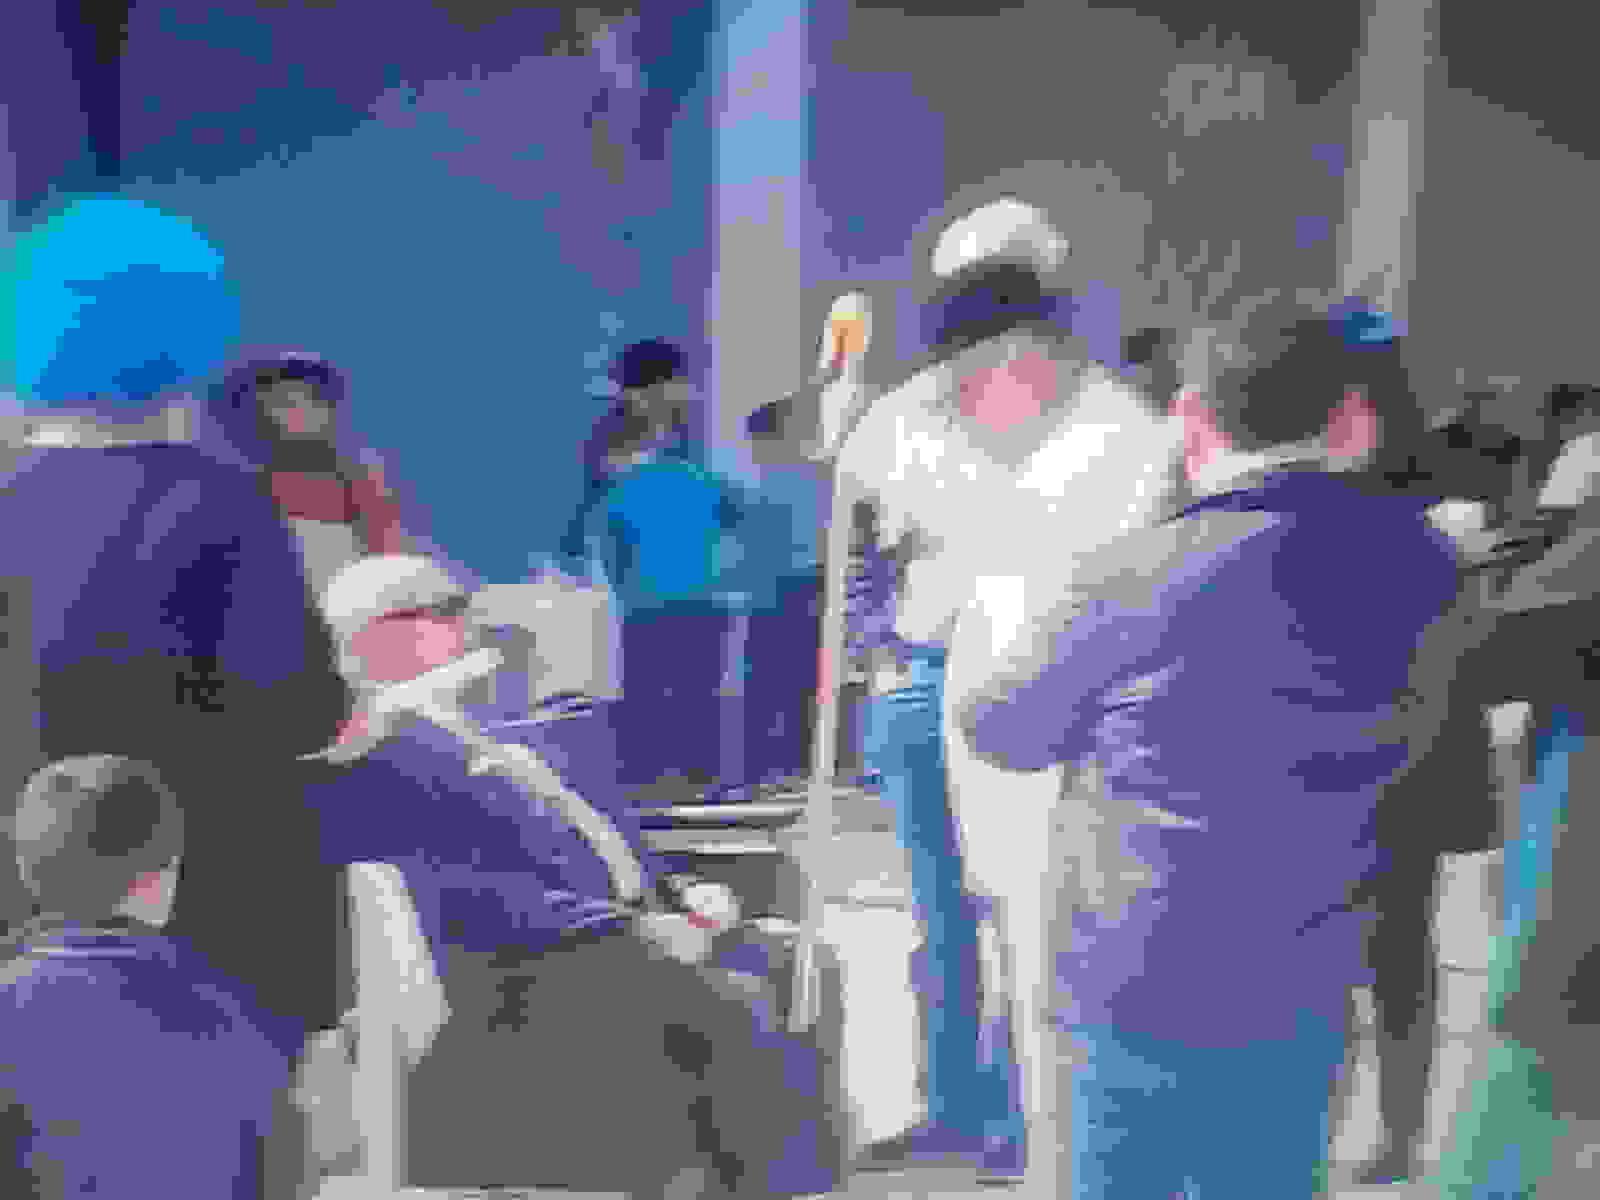 Γιορτάζοντας τα Κούλουμα στη Σάμη (Φωτογραφίες & Βίντεο)